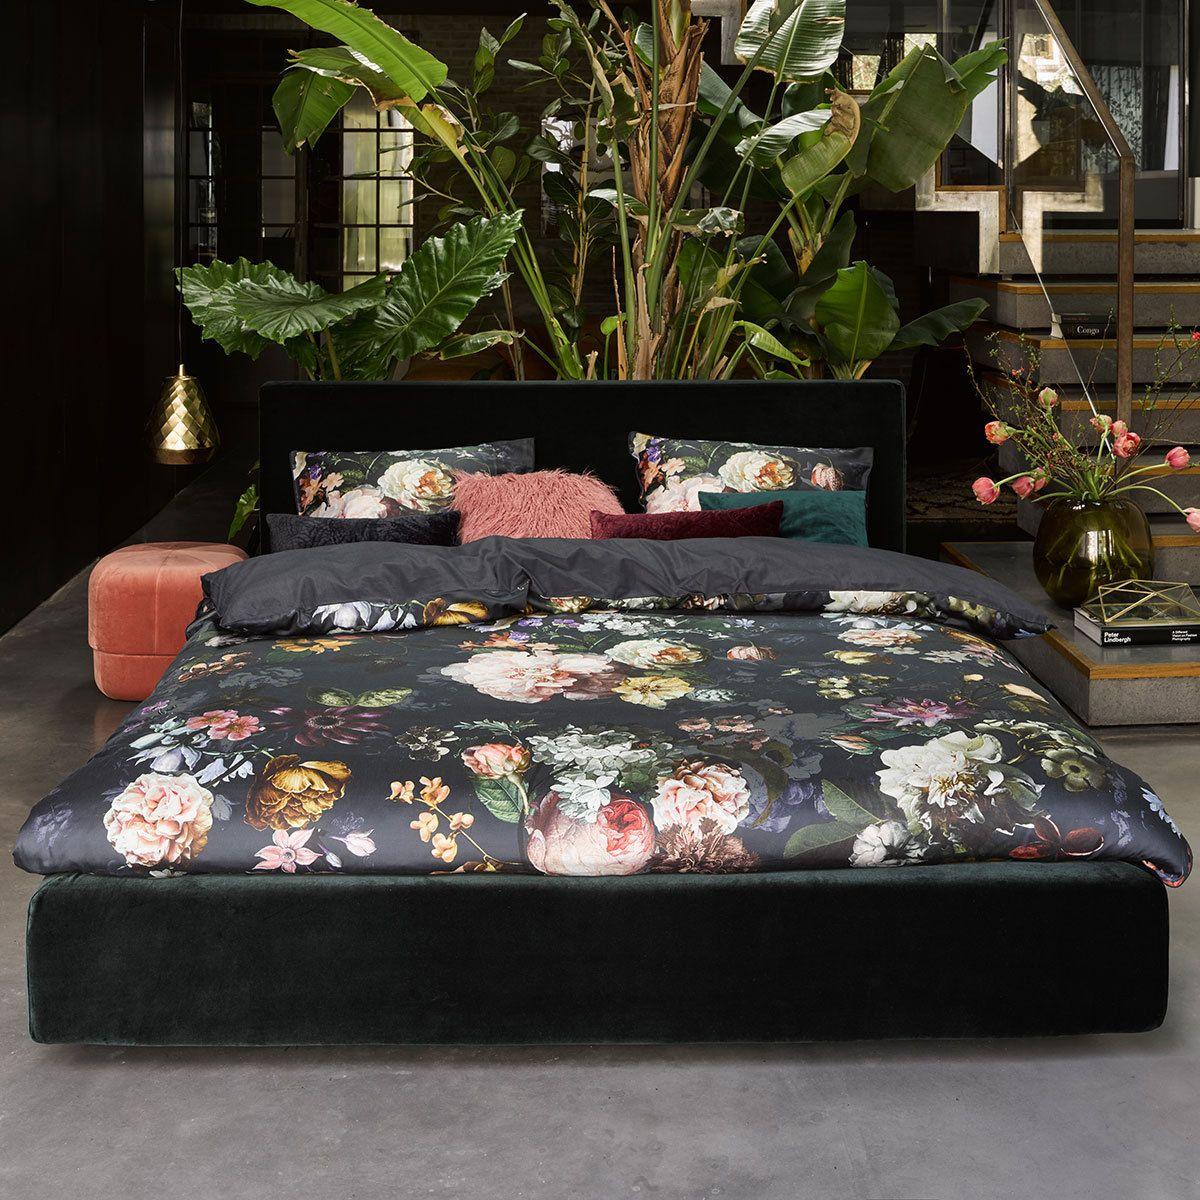 Essenza MakoSatin Bettwäsche Fleur nightblue Home decor